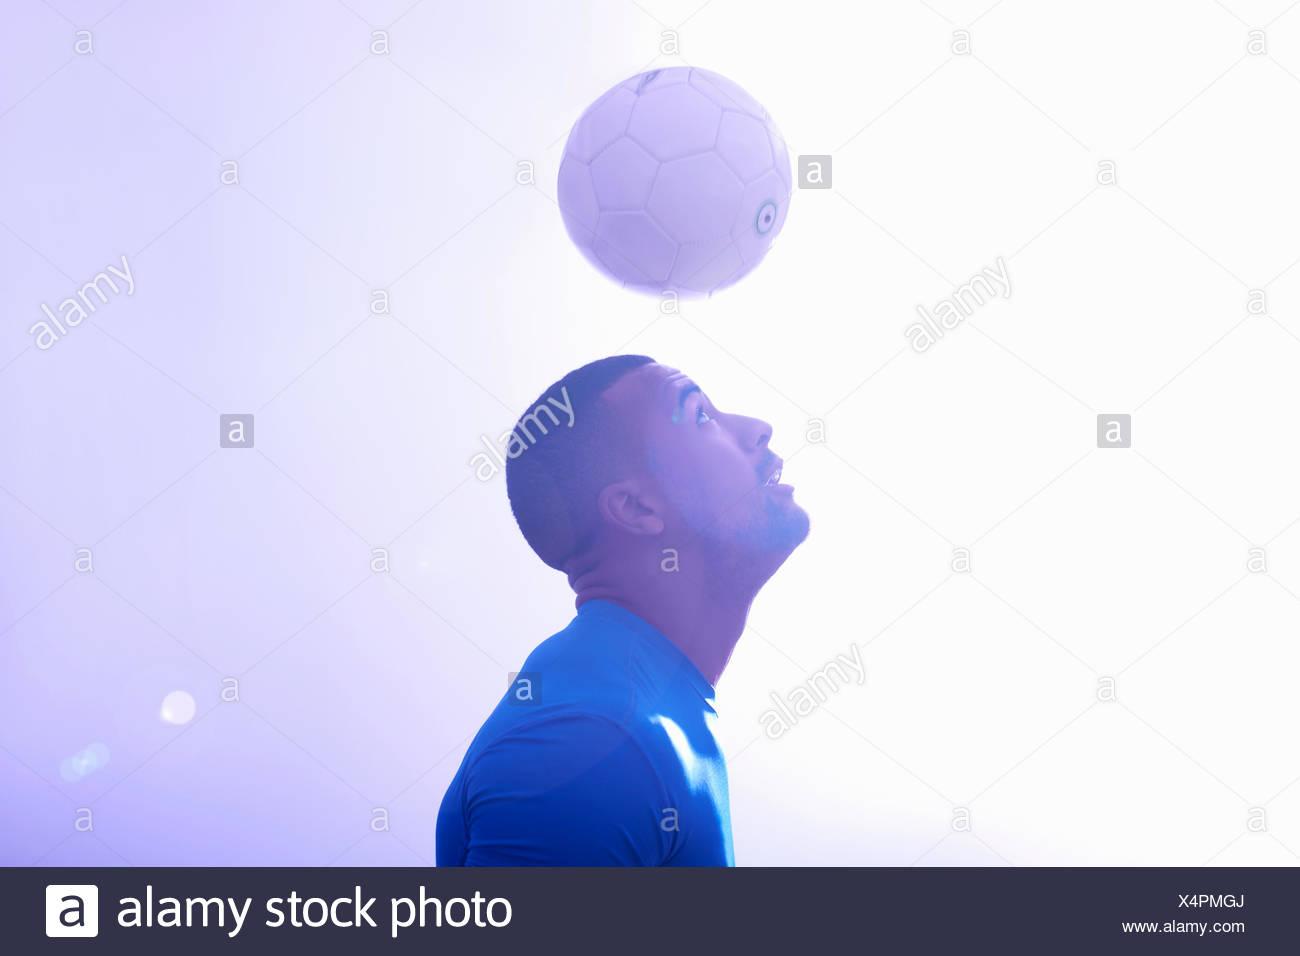 Studioaufnahme des jungen männlichen Fußballer Ball Mitte Luft mit Header halten Stockfoto